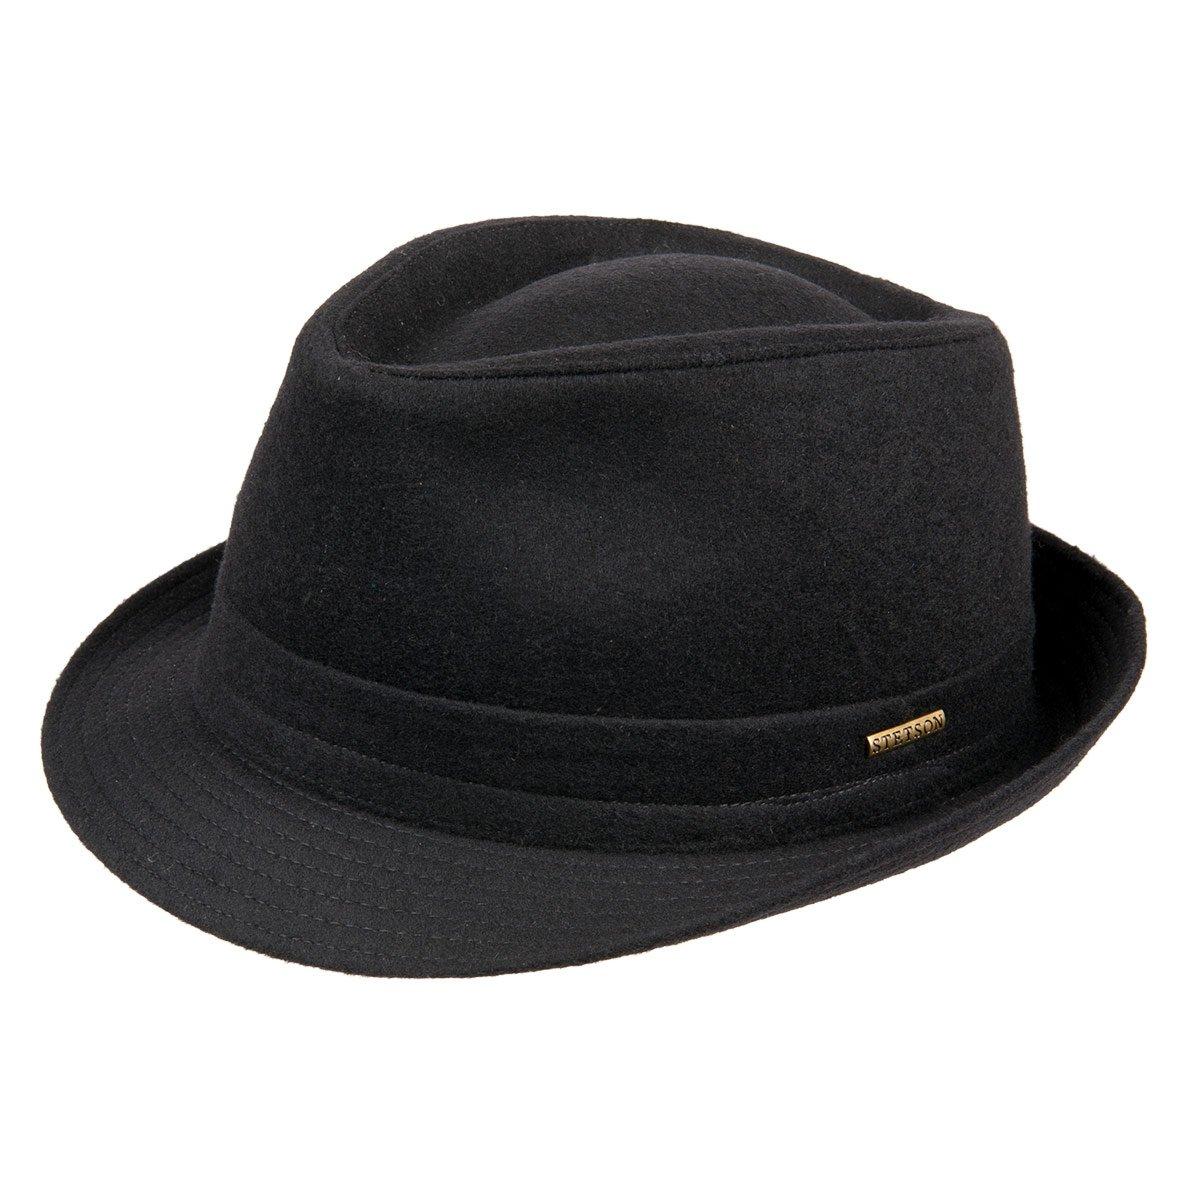 cappello di Stetson modello BENAVIDES e637c8126272